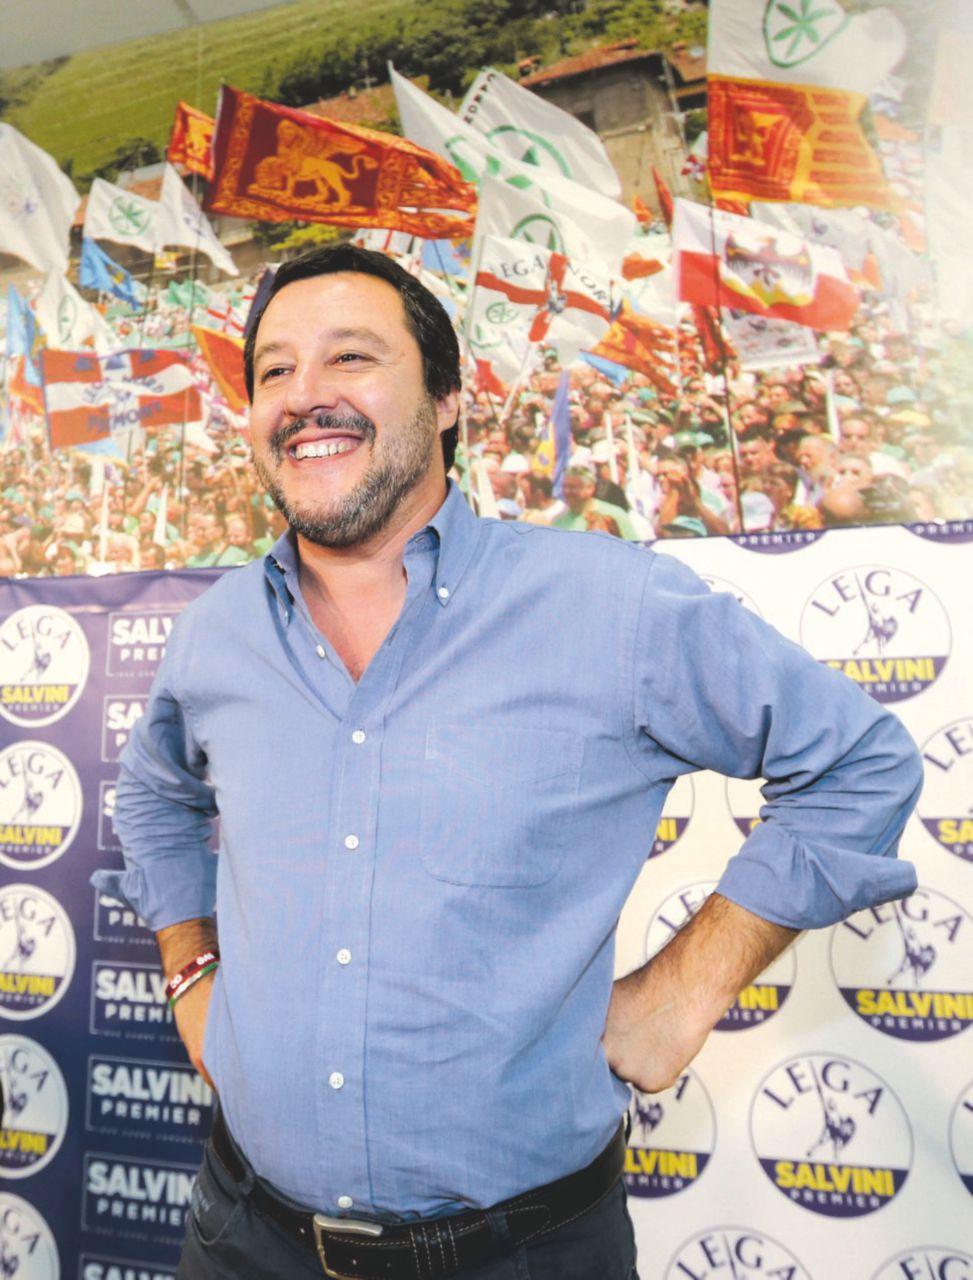 Ecco perché Salvini ha vinto anche se ha torto (ma perderà)